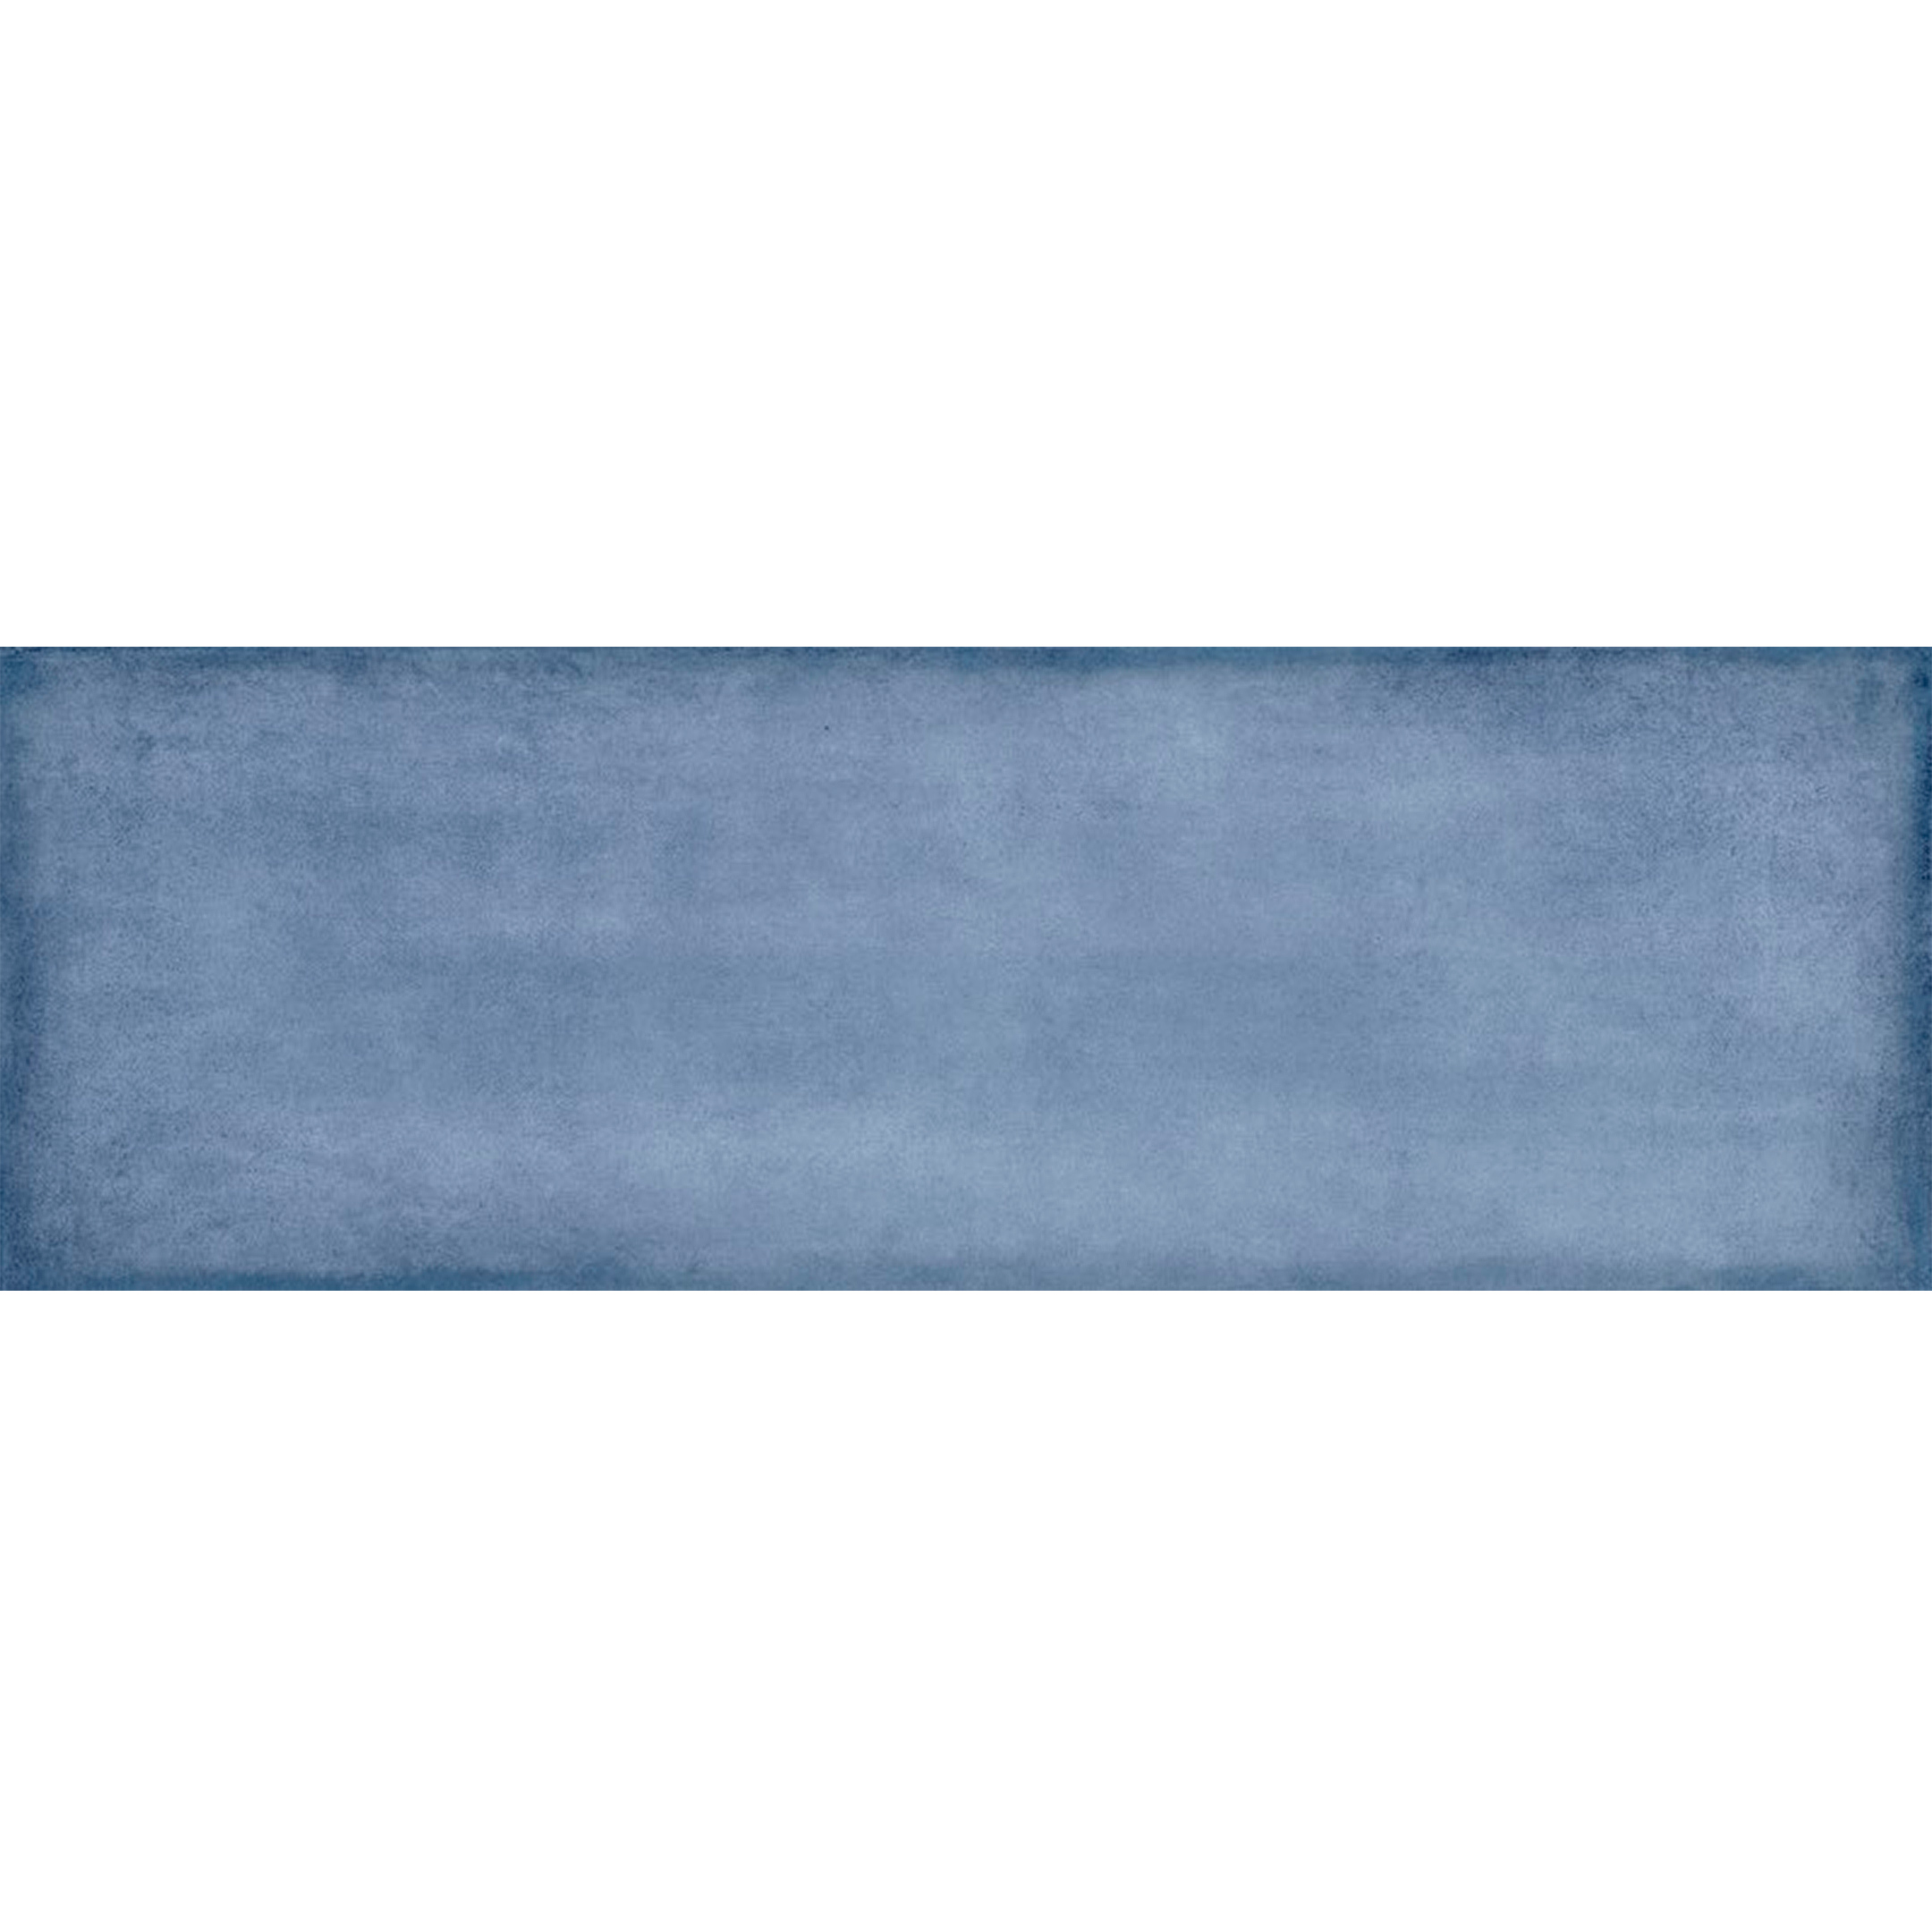 Плитка облицовочная Cersanit Majolica голубой 198x598x9 мм (9 шт.=1,06 кв.м) стоимость